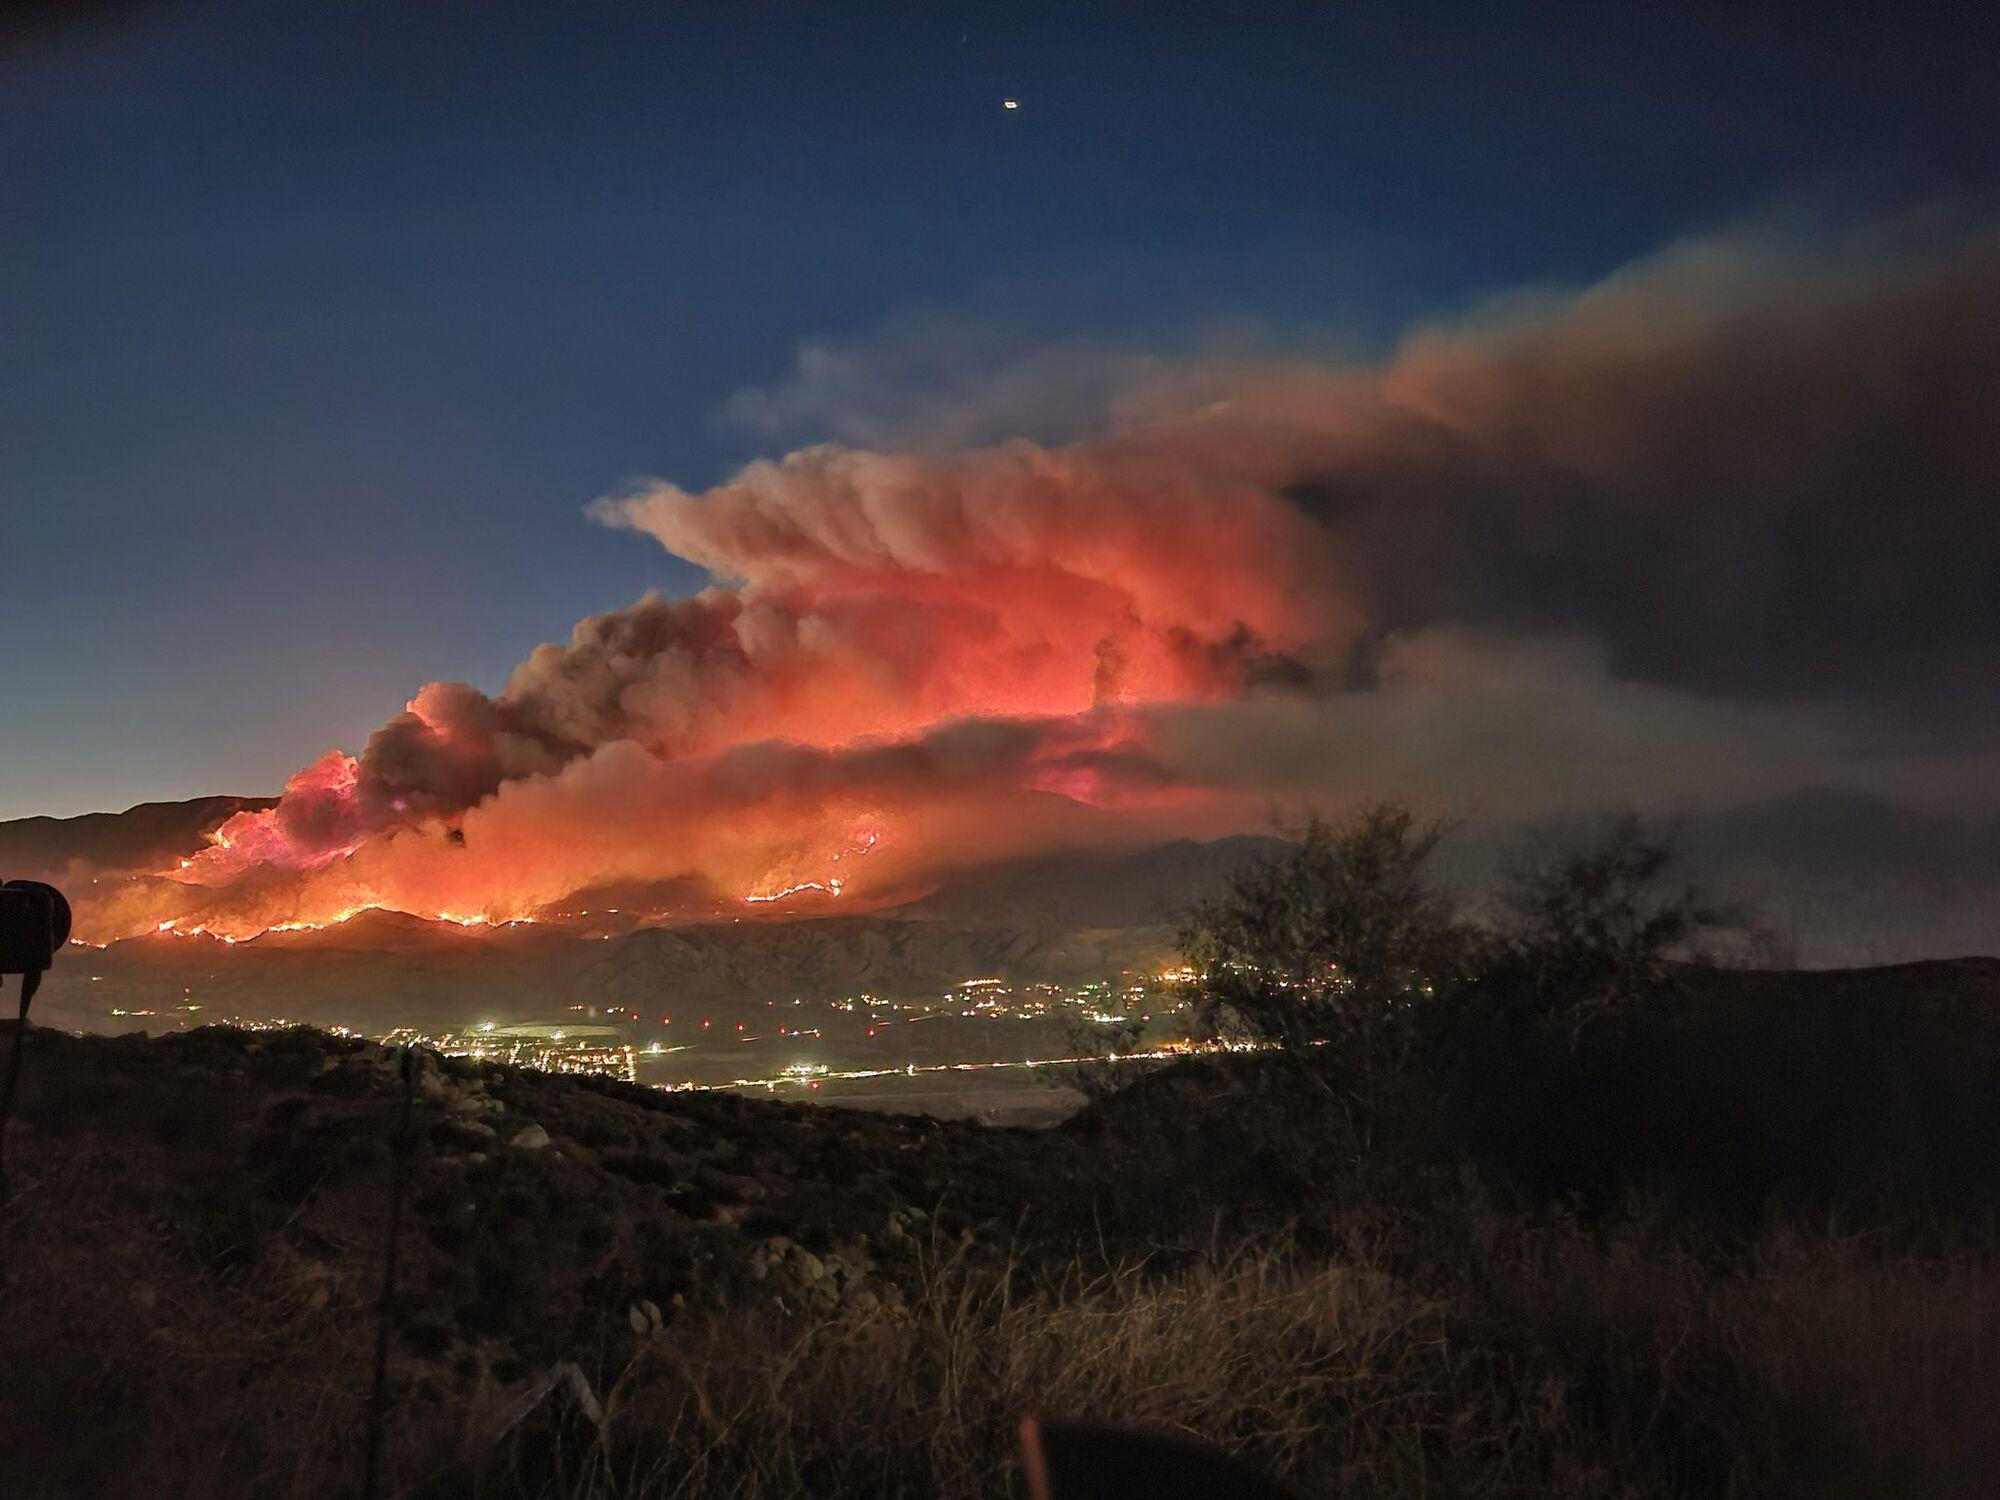 Огонь виден с горы Эдна у шоссе 243.